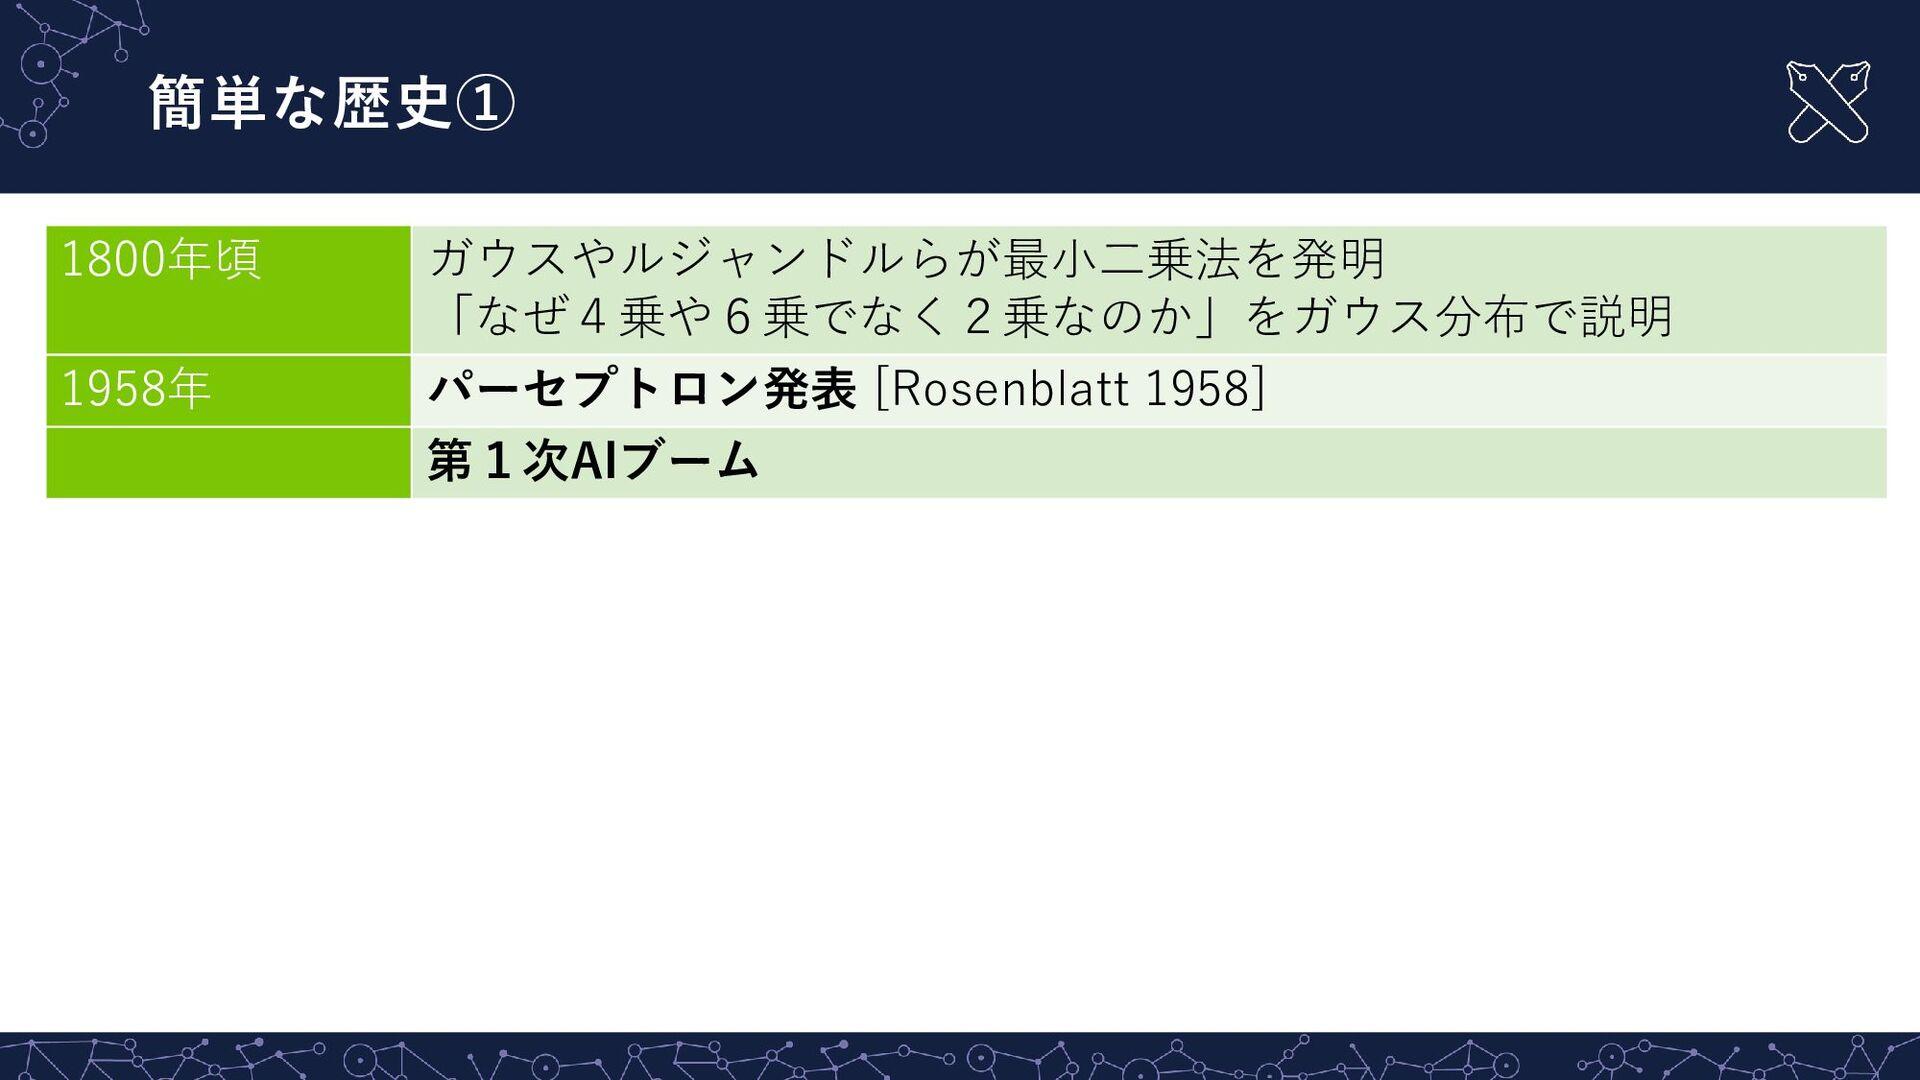 簡単な歴史② - - 26 1990年代 隠れマルコフモデルやSVM(support vect...